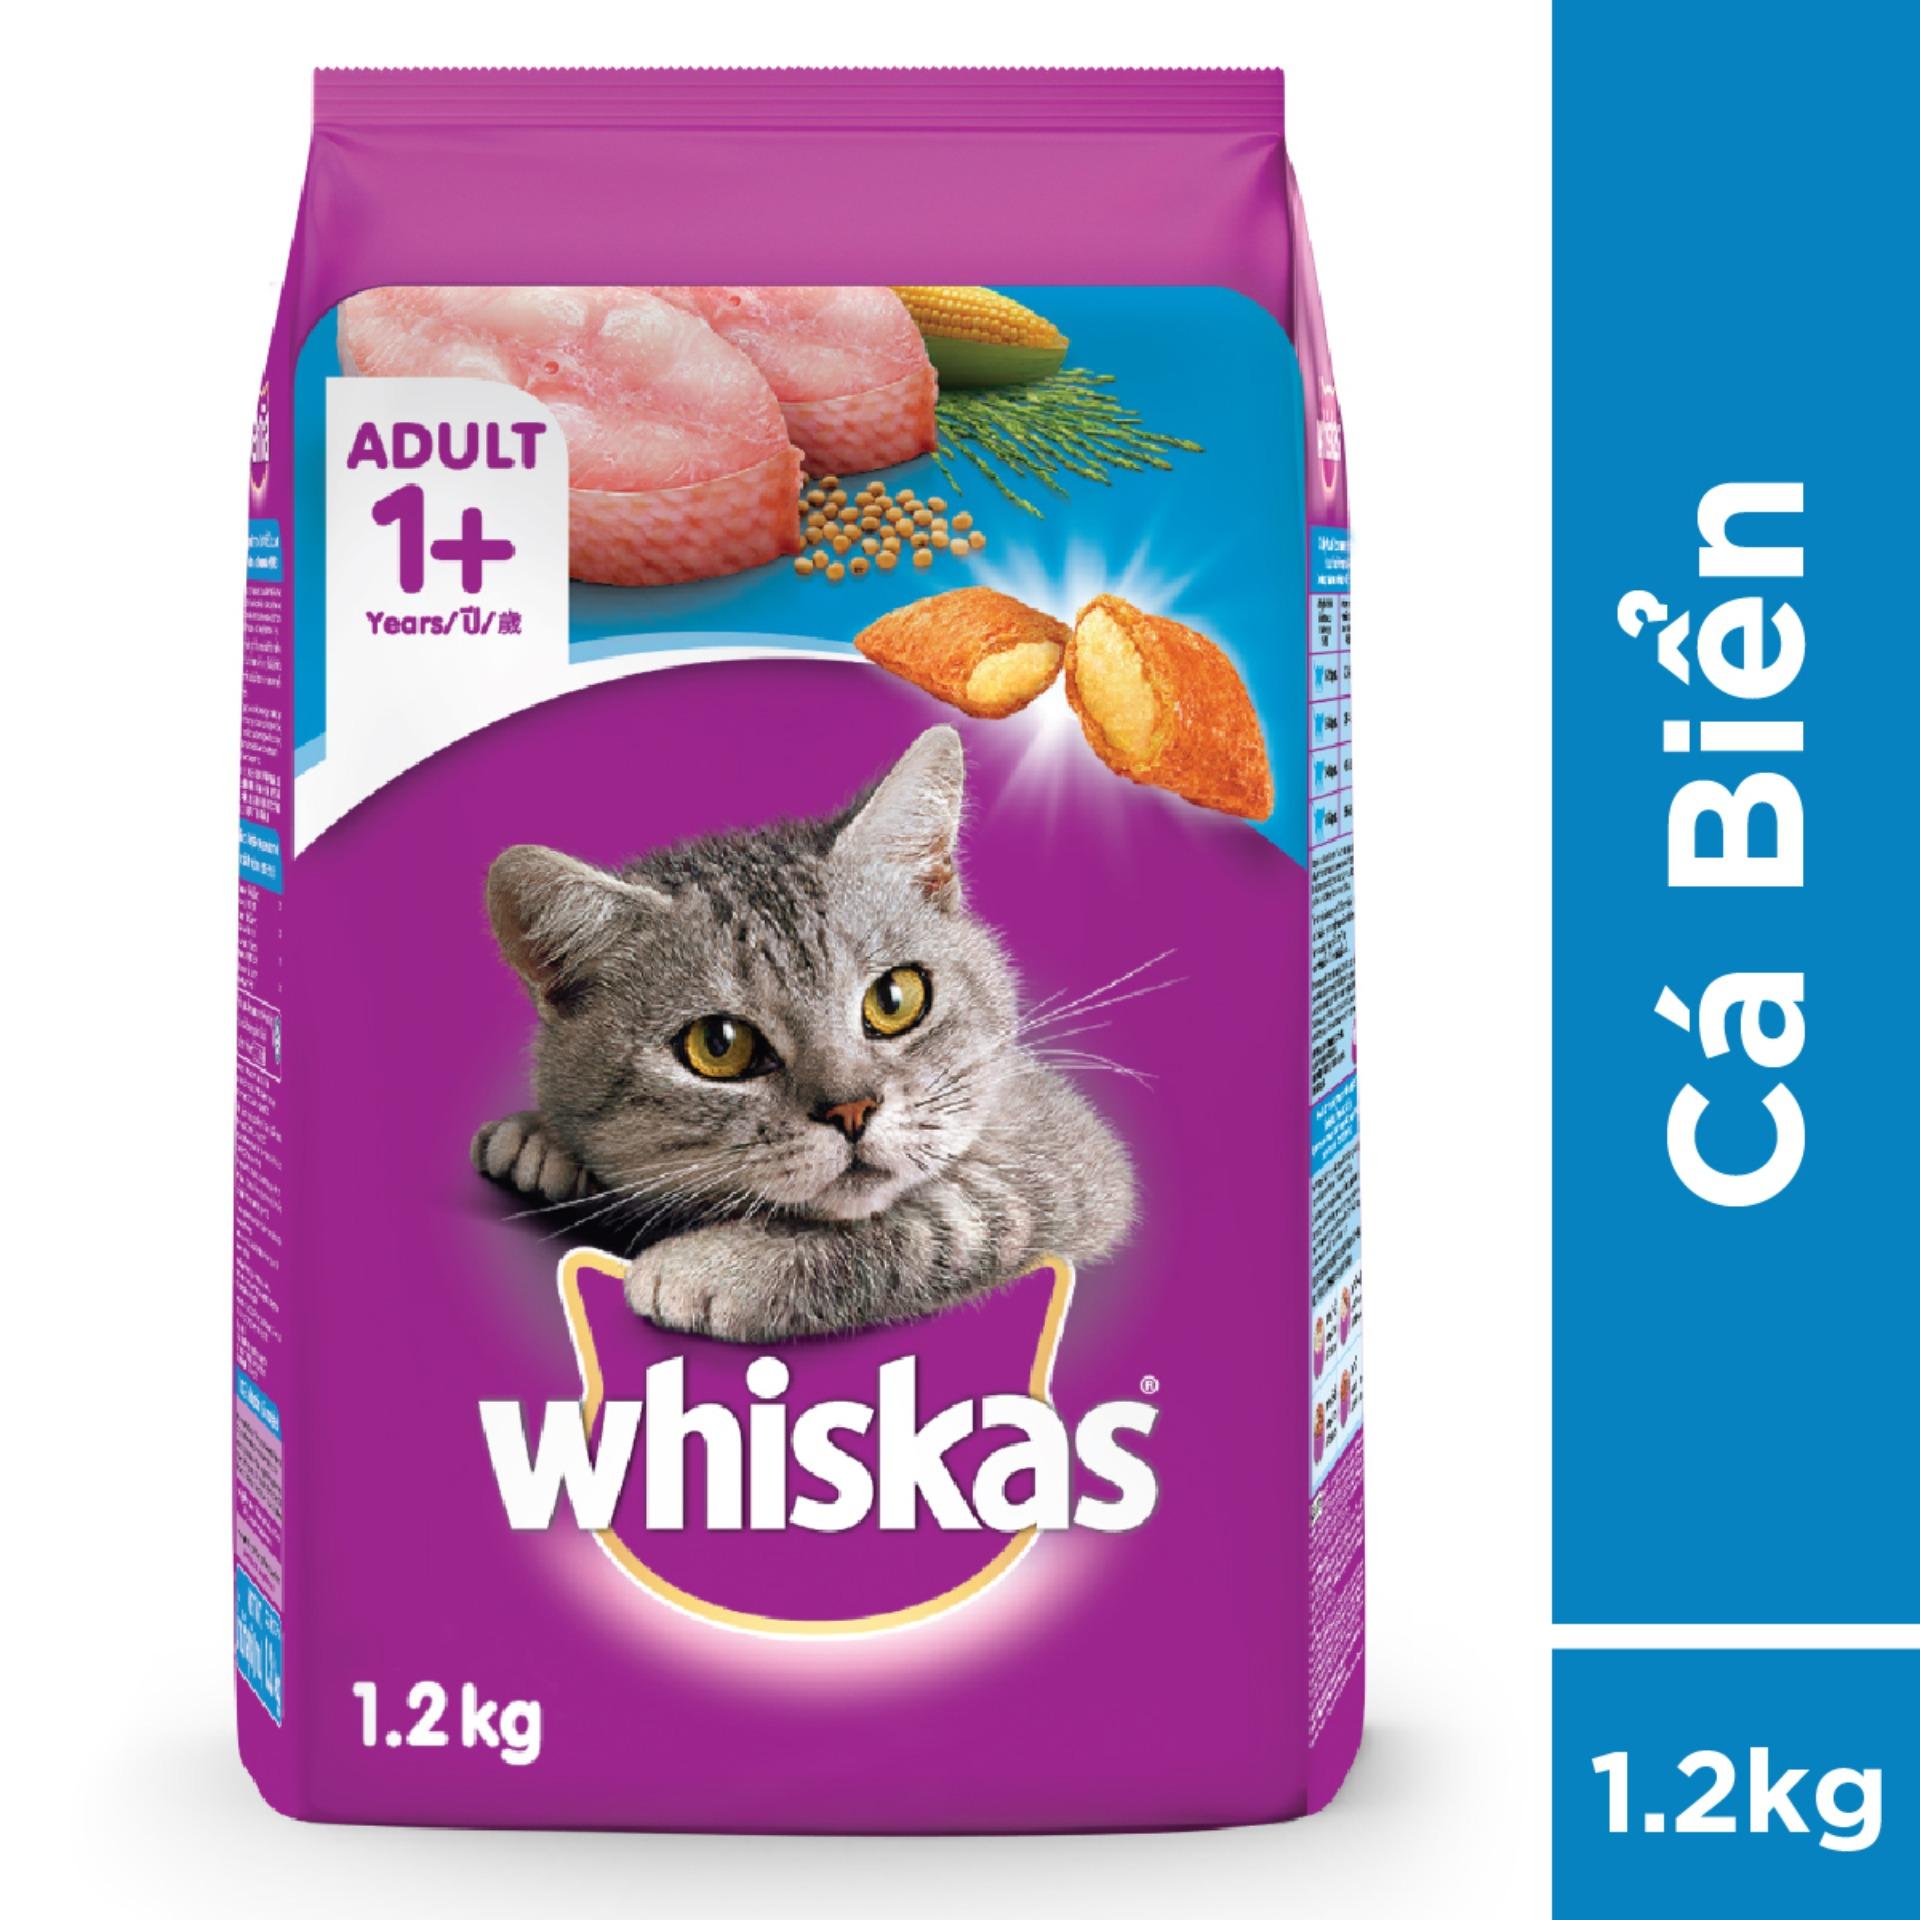 Mã Giảm Giá Khi Mua Thức ăn Mèo Whiskas Vị Cá Biển Túi 1.2kg